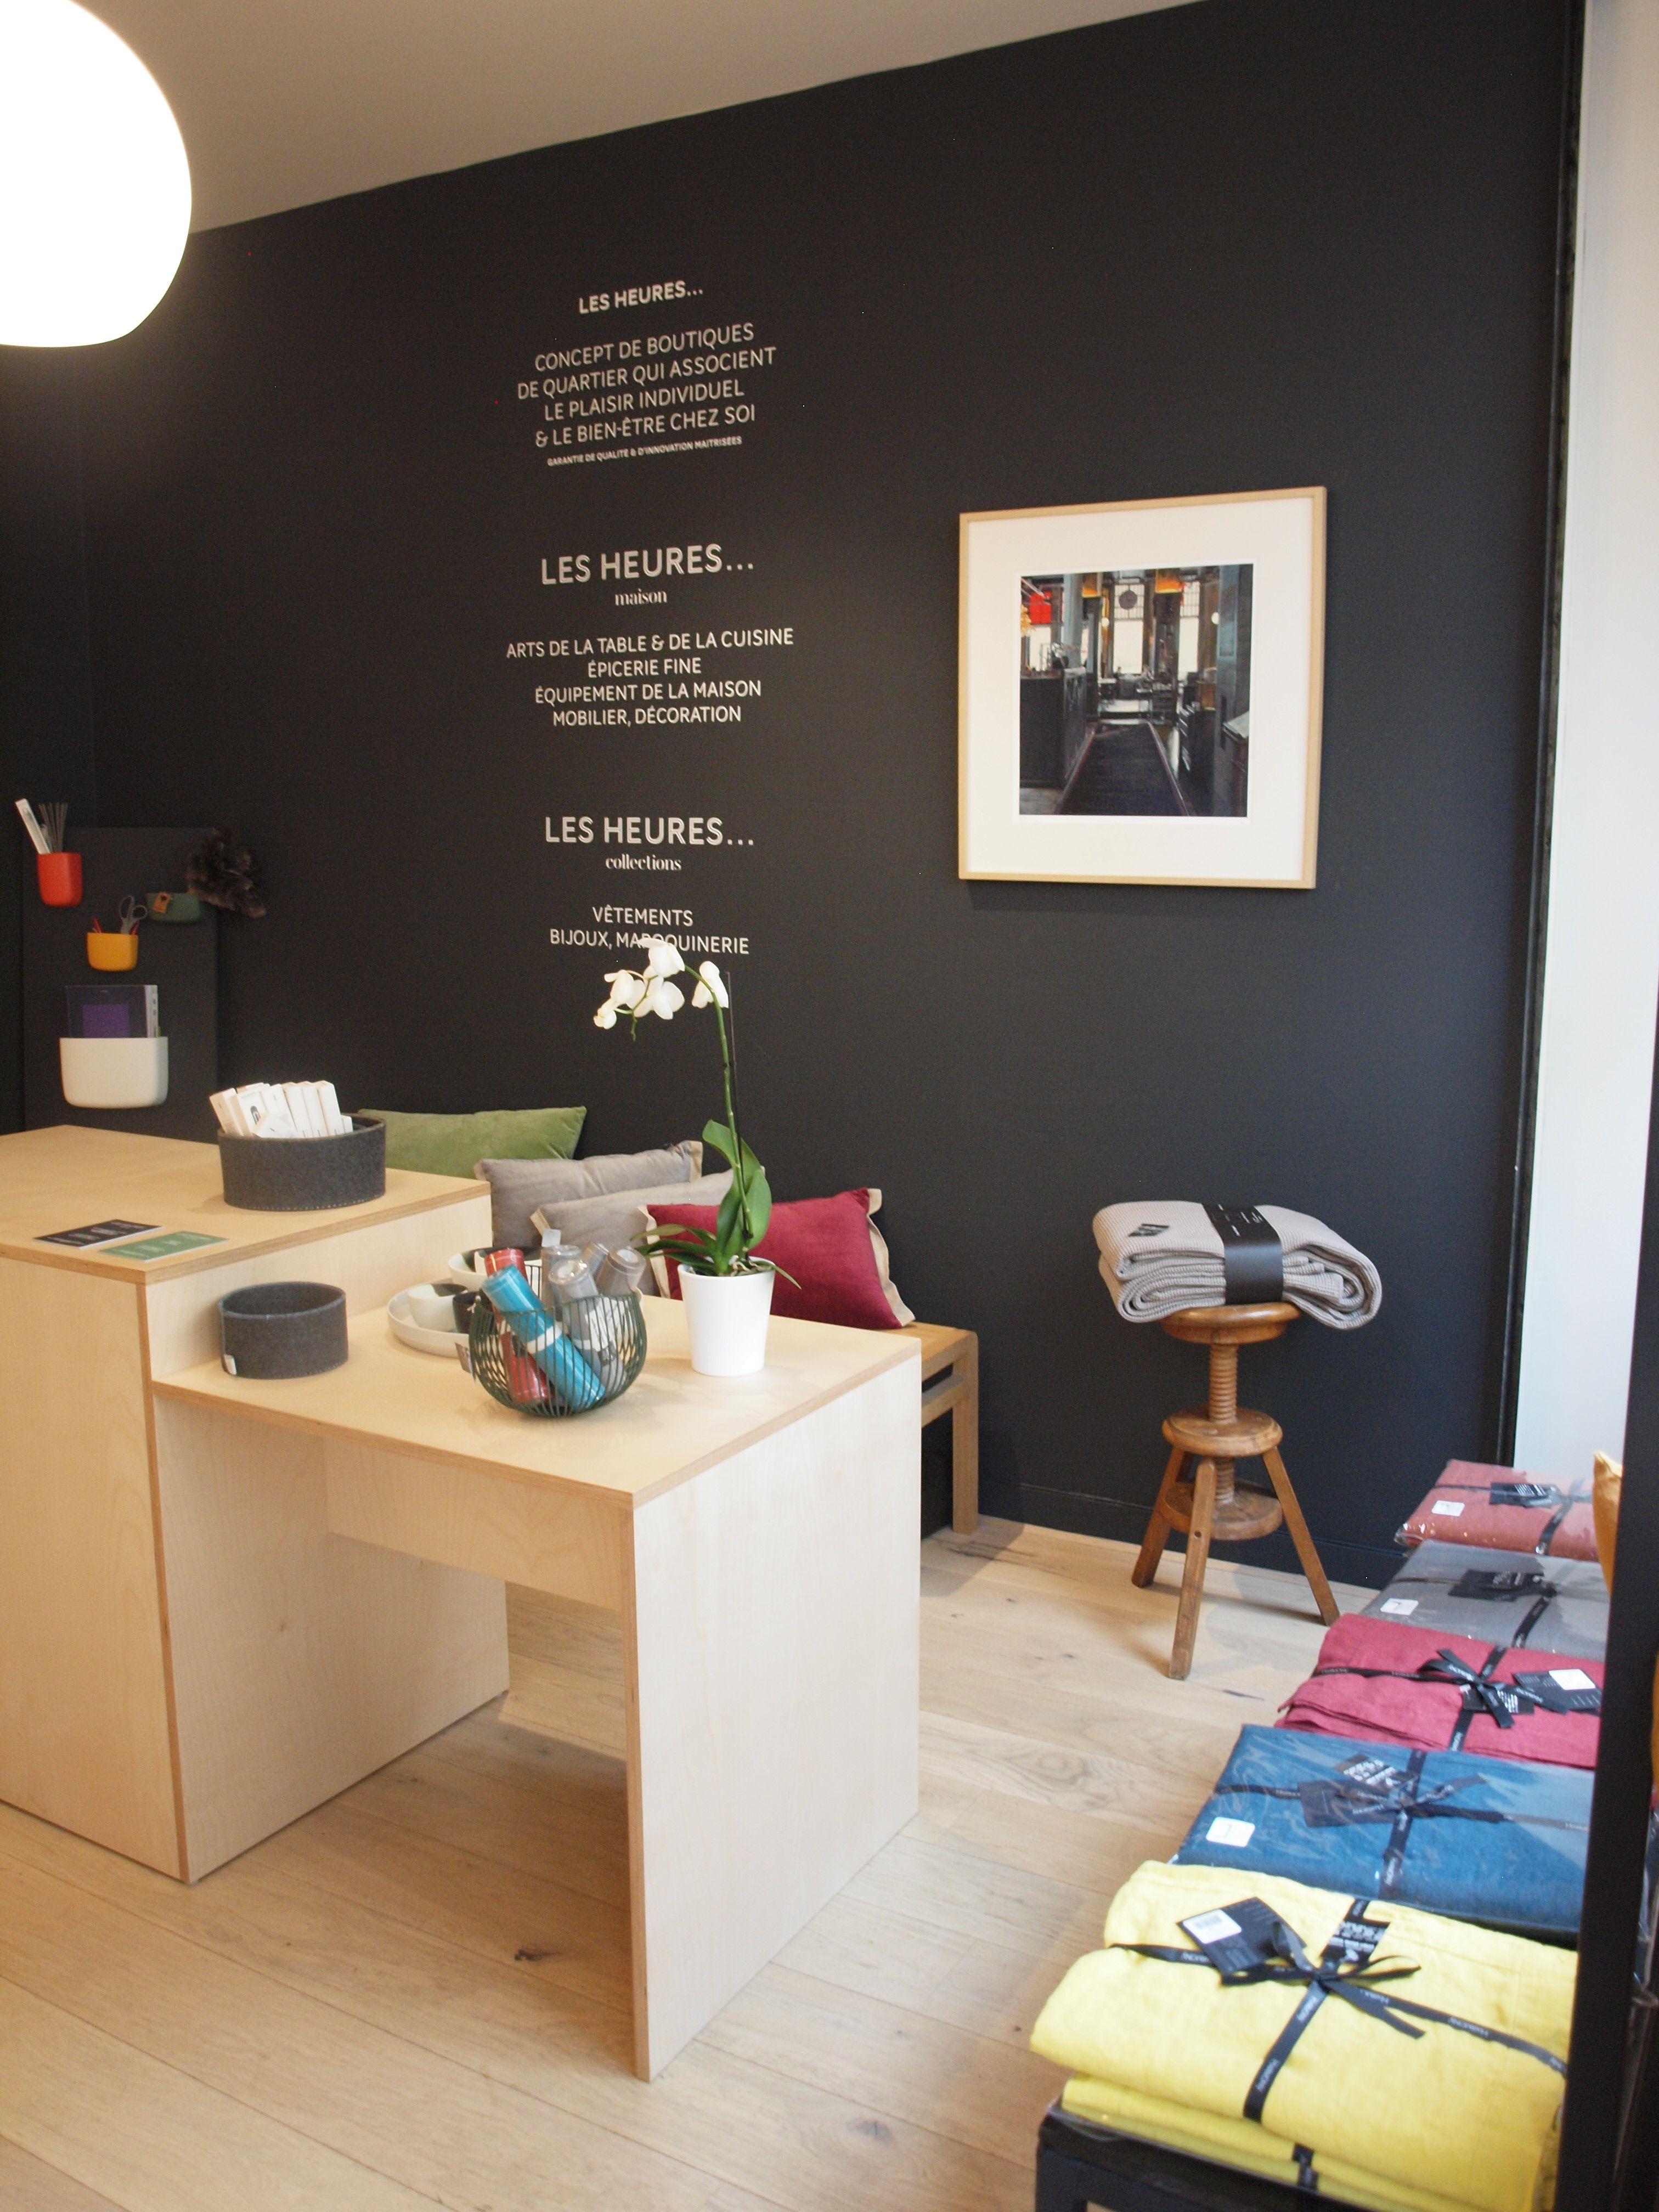 7 Les Heures Maison Boutique Decoration Saint Mande Accueil Et Mur Tableau Noir Maison Paris Maison Boutique De Decoration